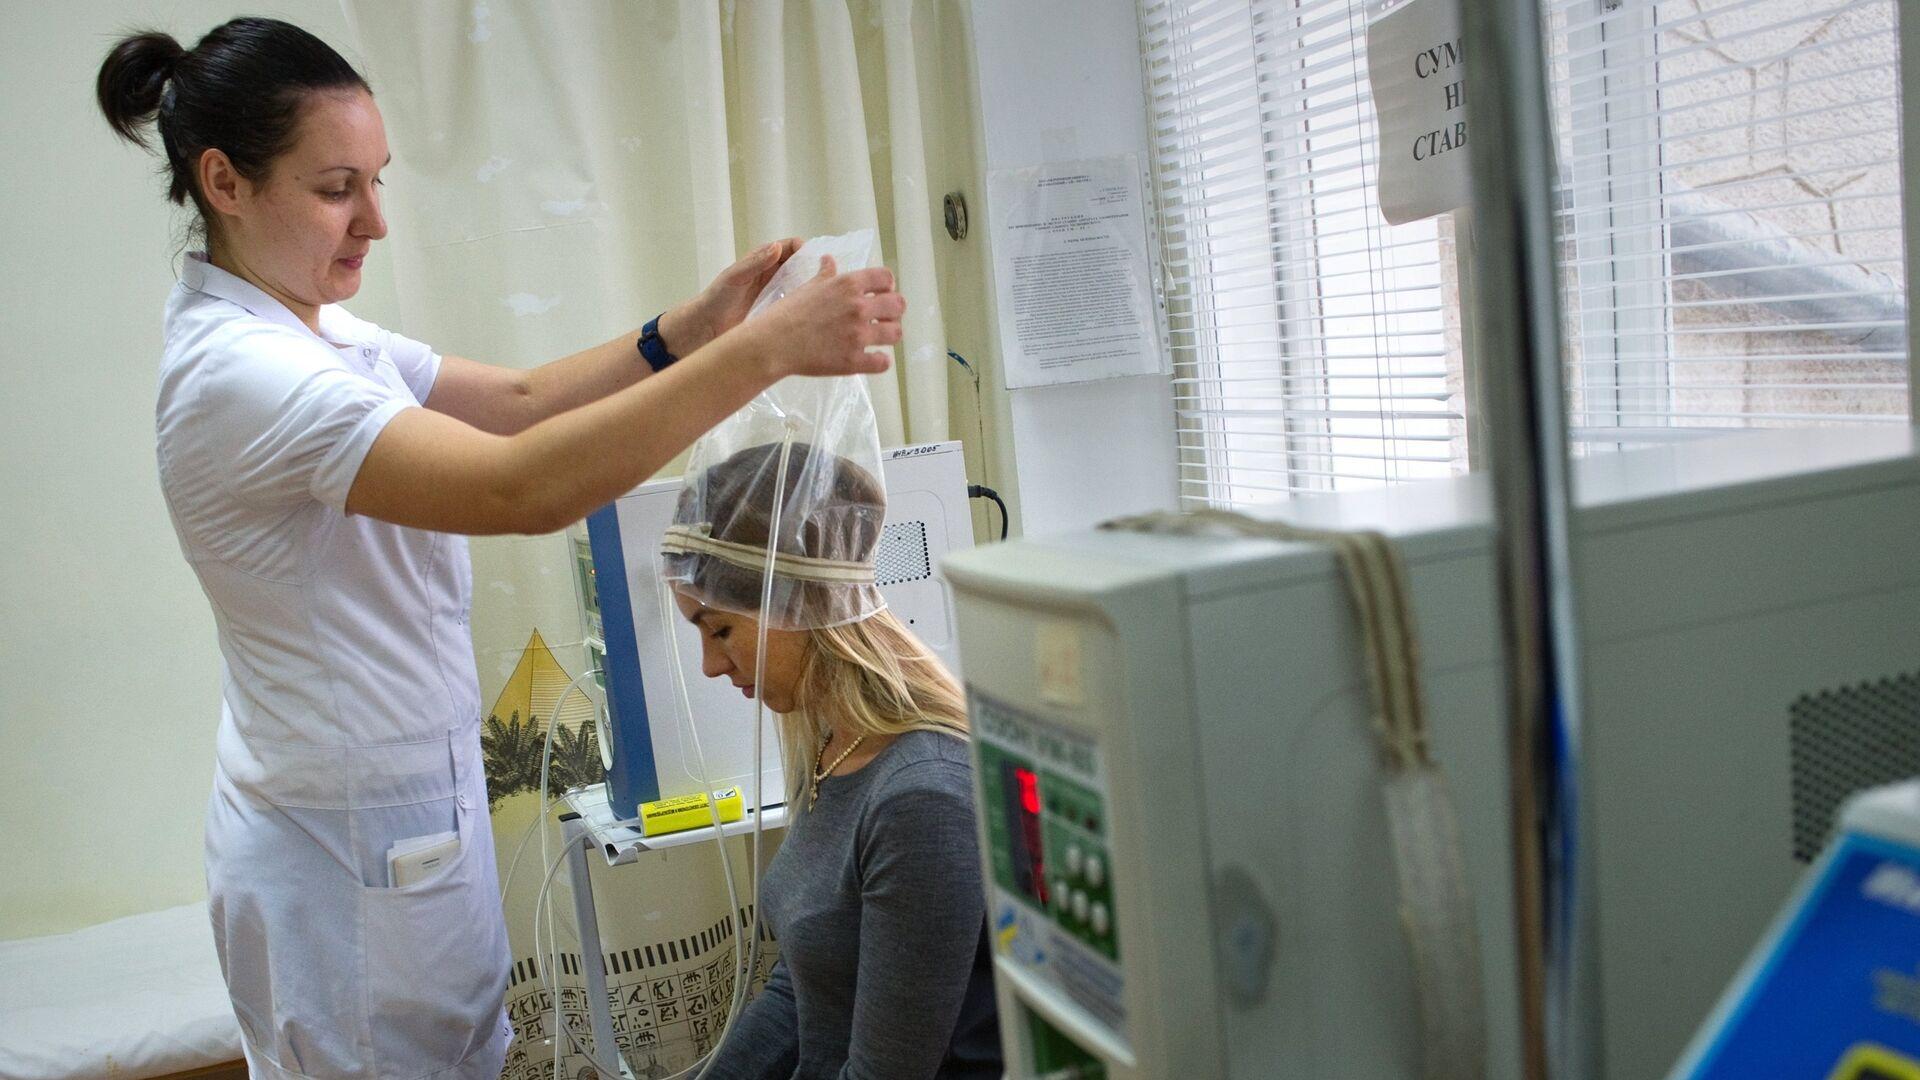 Девушка на сеансе озонотерапии в санатории Ай-Петри - РИА Новости, 1920, 23.04.2021